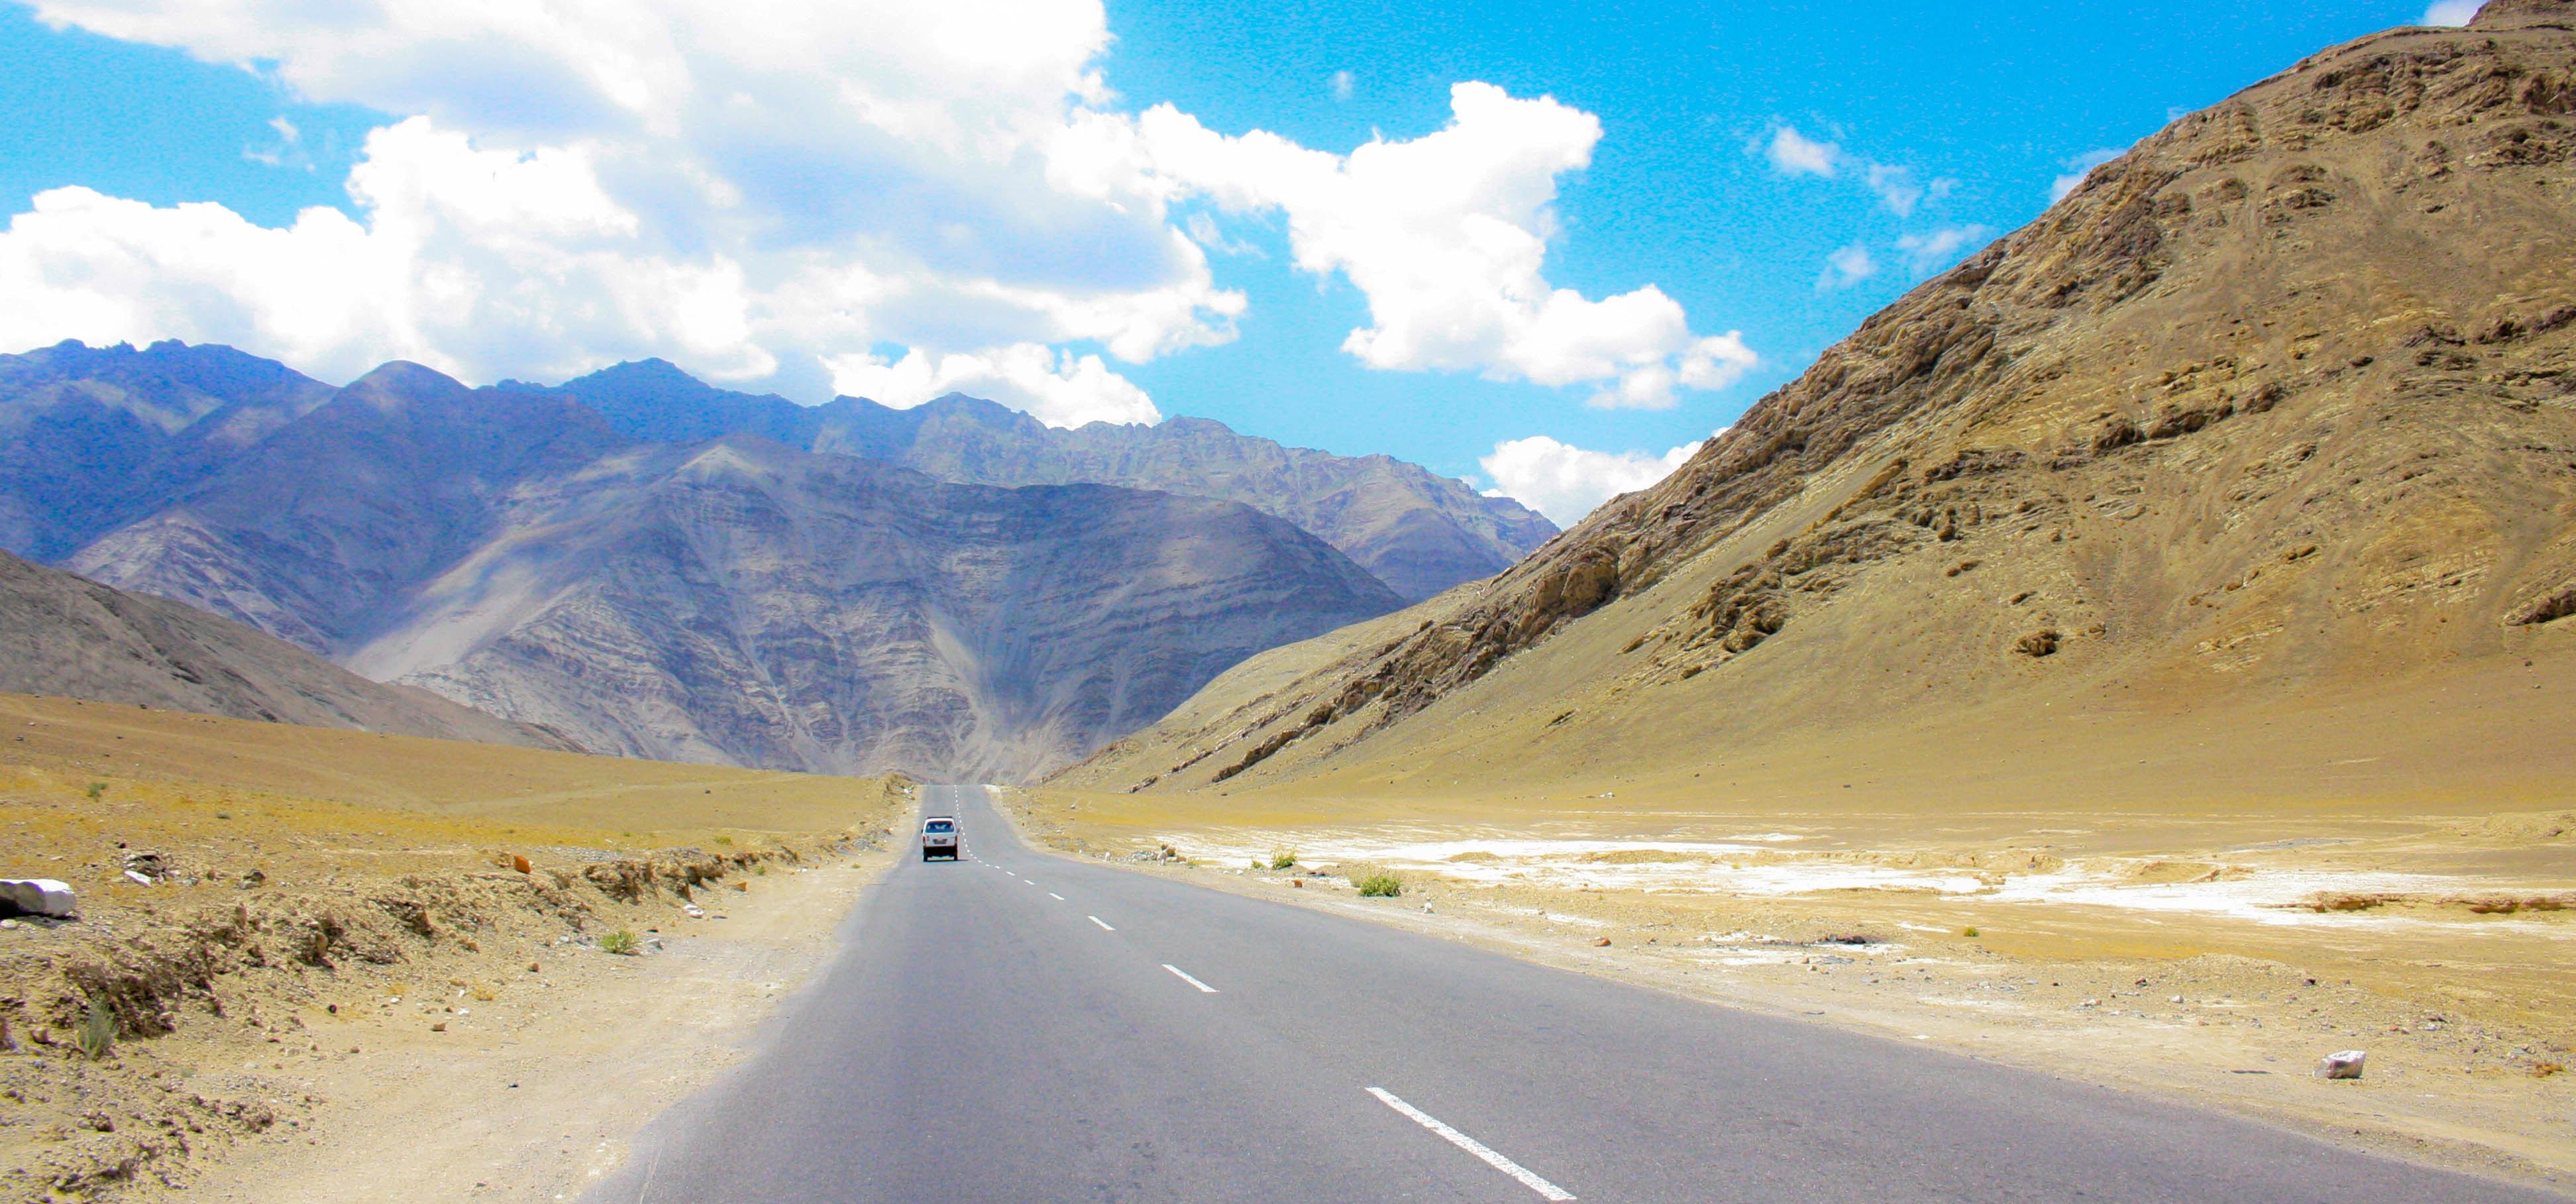 Srinagar_Leh_Highway_India